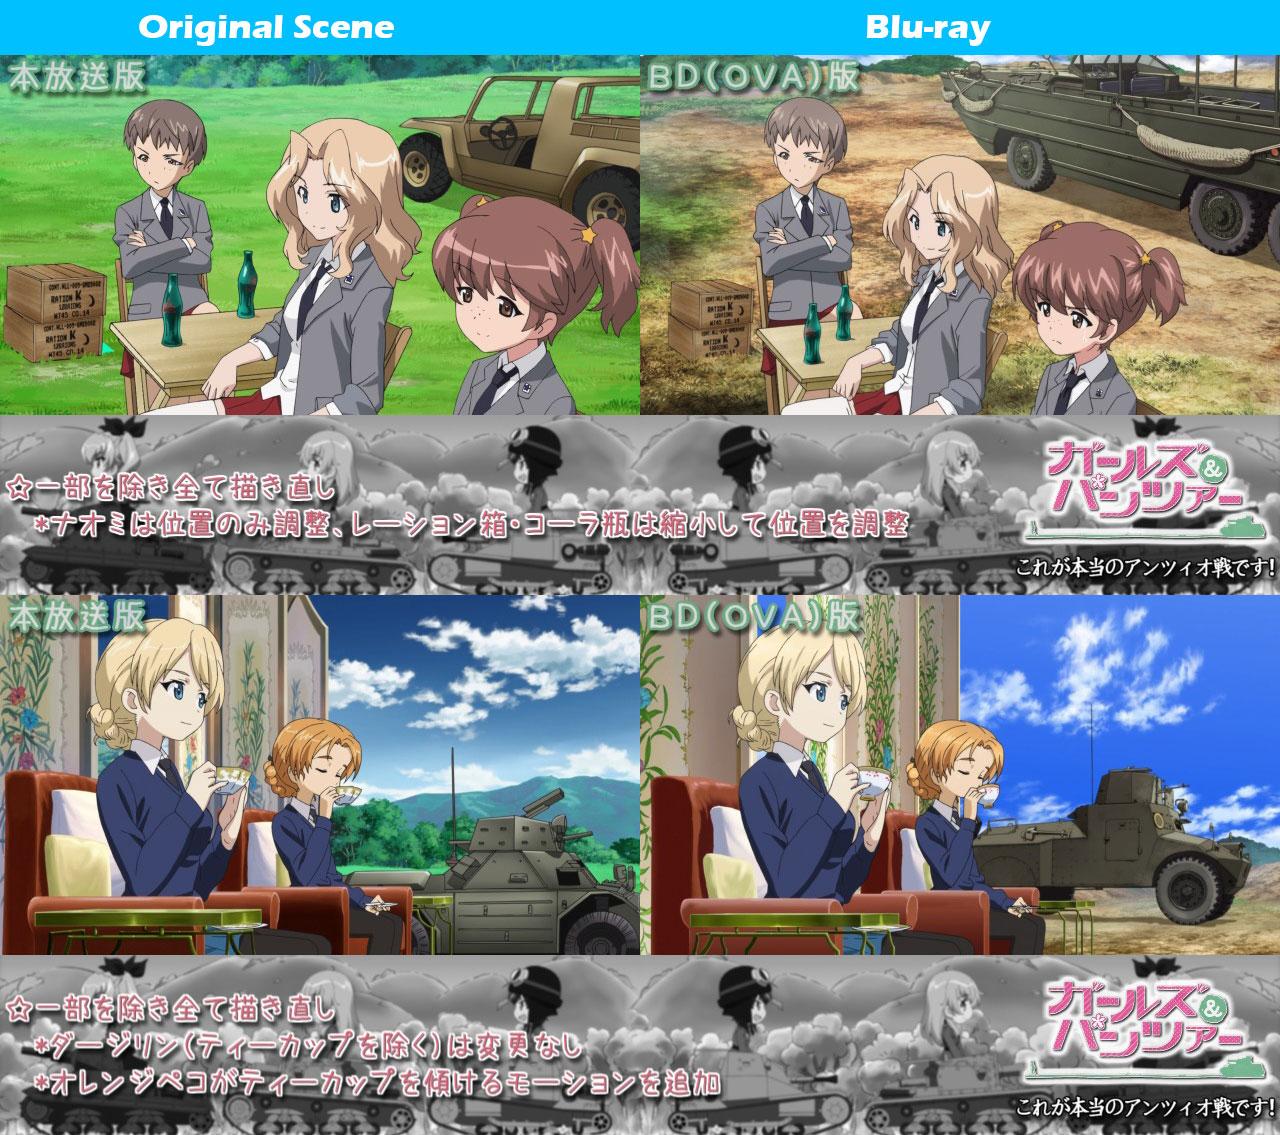 Girls-Und-Panzer-Kore-Ga-Hontou-No-Anzio-Sen-Desu-TV-and-Blu-ray-Comparison-7